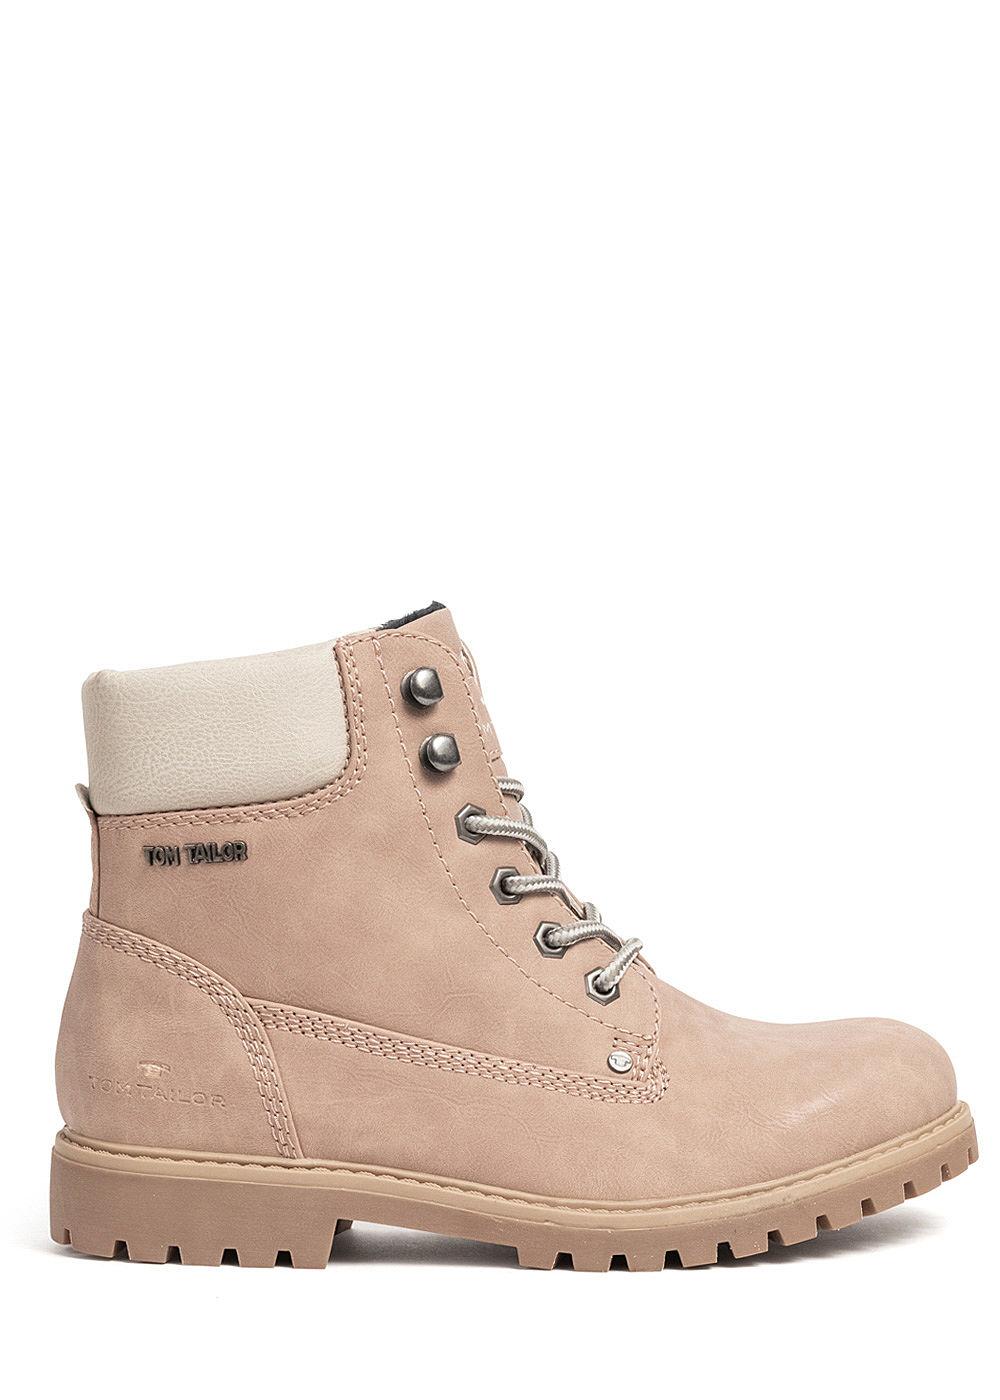 Tom Tailor Damen Schuh Worker Boots Stiefelette Kunstleder